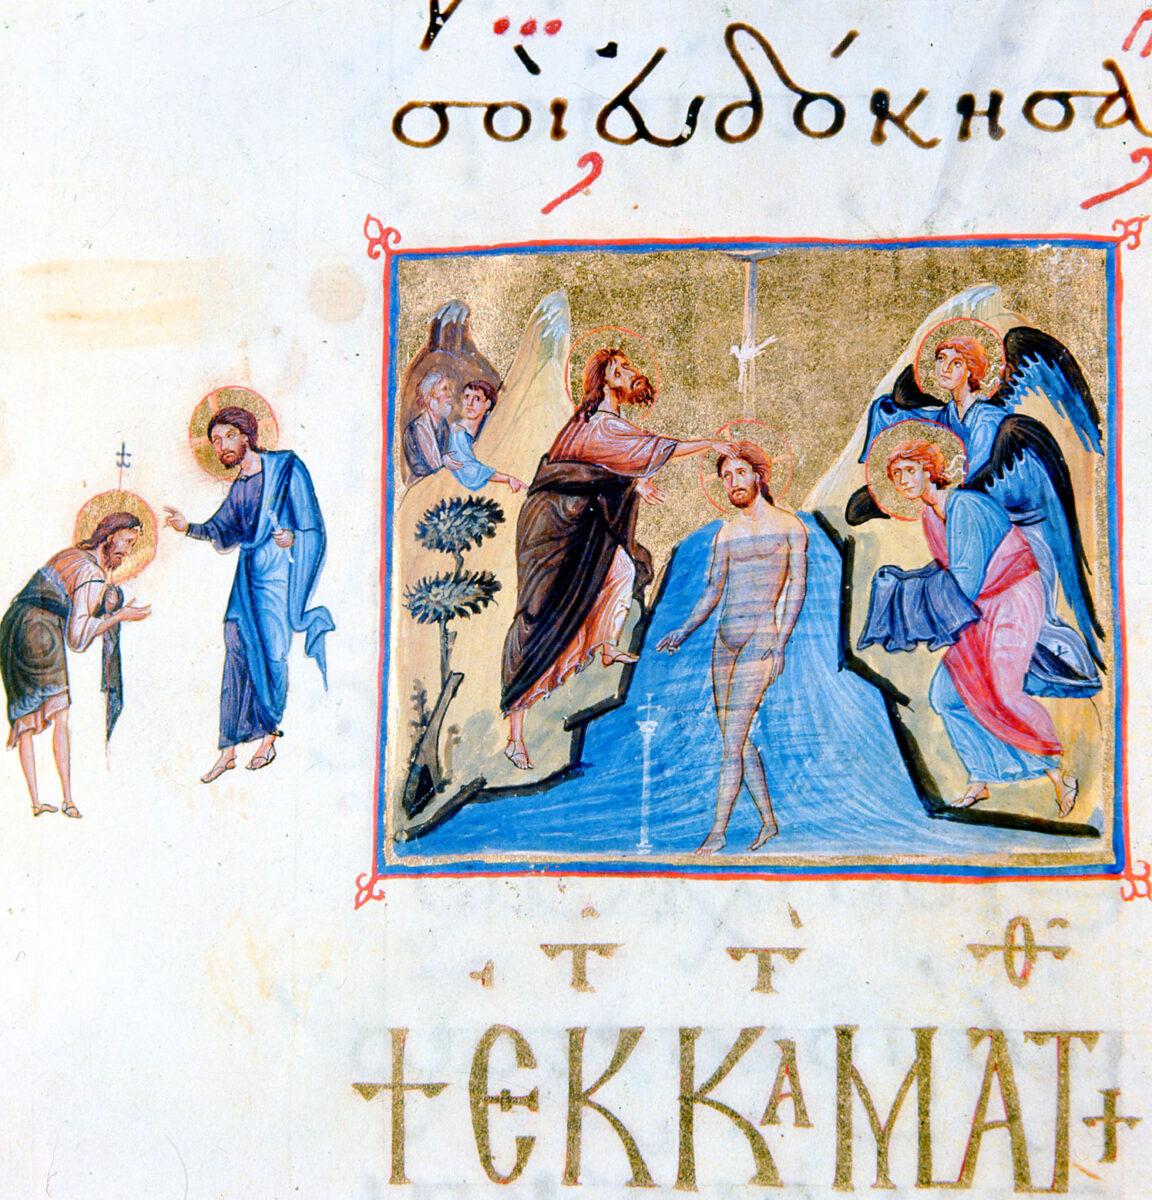 Από τον Κώδικα 587 της Μονής Διονυσίου (φωτ.: ΑΠΕ-ΜΠΕ / Πατριαρχικό Ίδρυμα Πατερικών Μελετών).